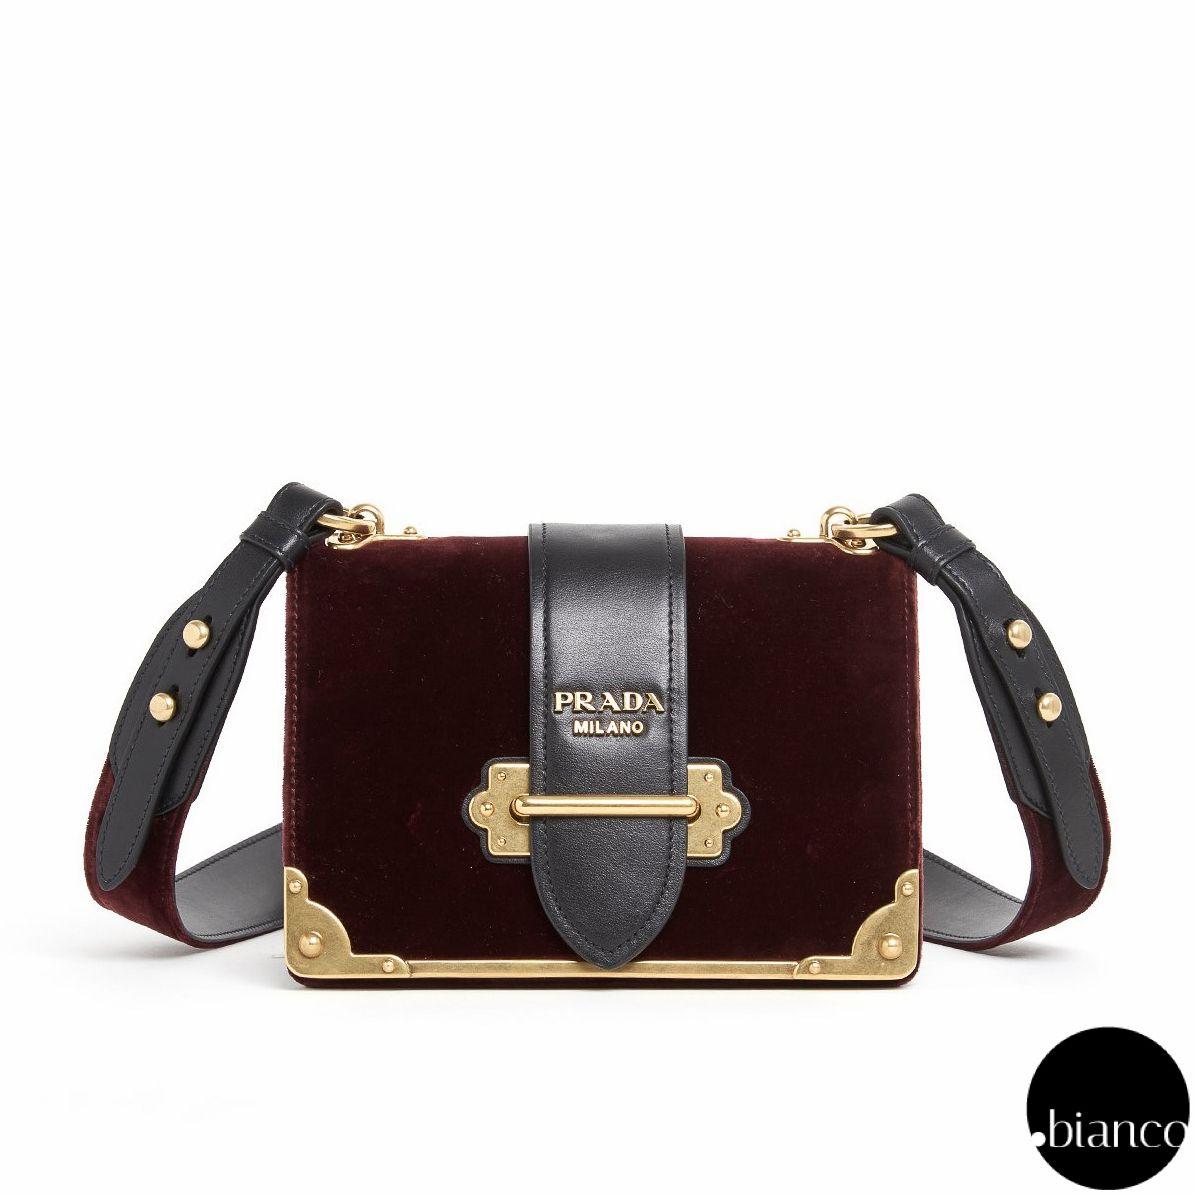 e4e1d18ac35b PRADA CAHIER 2017-18AW Bi-color Leather Handmade Elegant Style Shoulder Bags